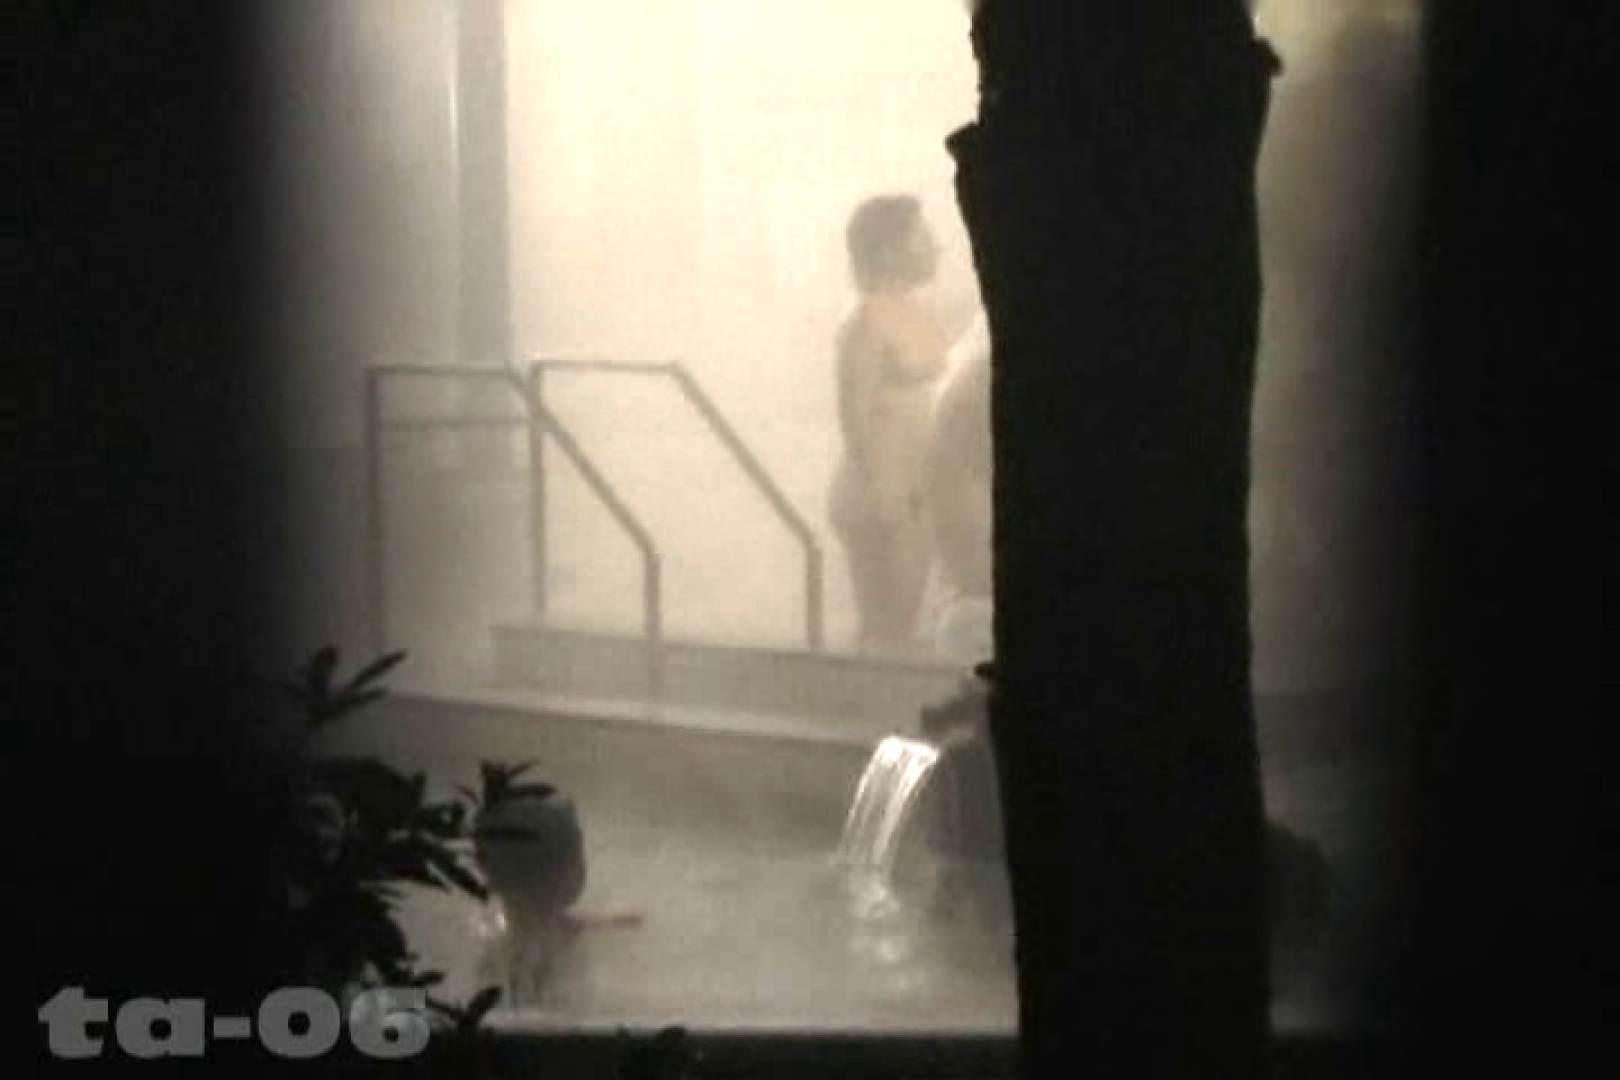 合宿ホテル女風呂盗撮高画質版 Vol.06 合宿 われめAV動画紹介 87枚 47